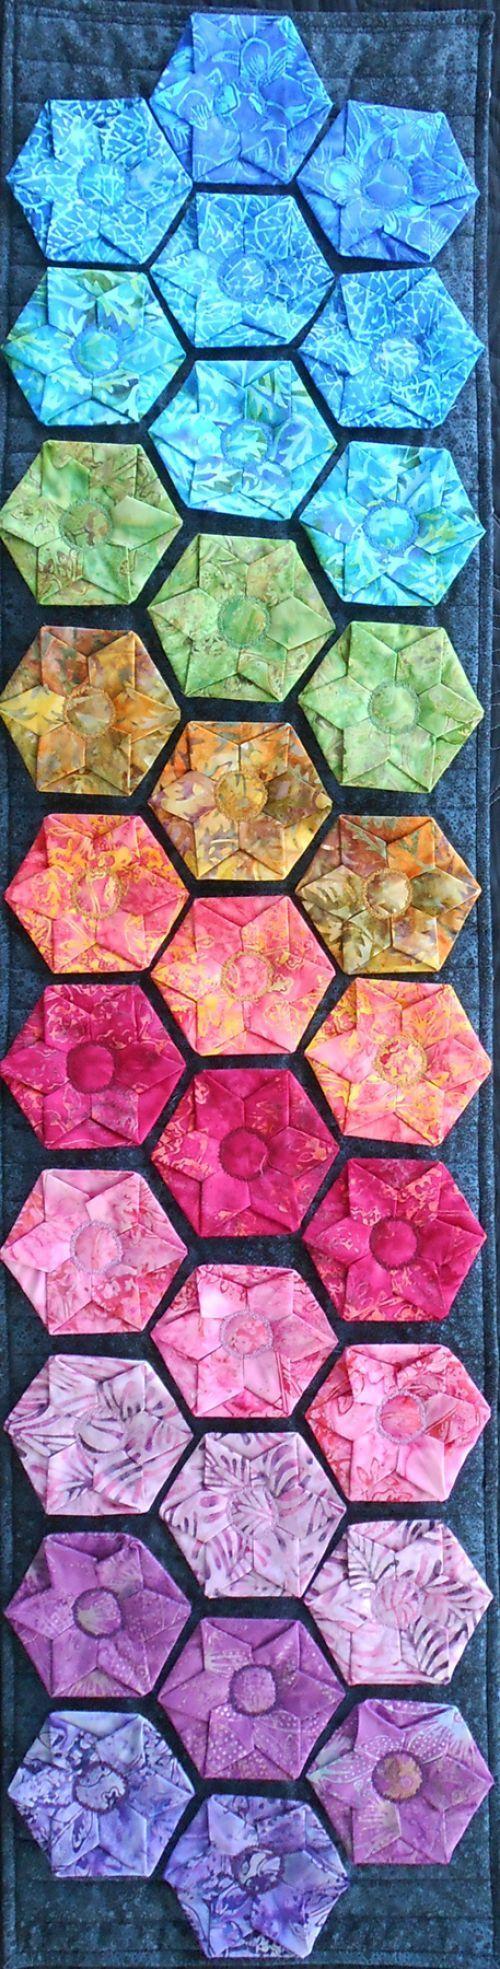 Hexi Flower Fun batik quilt by Erin Underwood @Craftsy